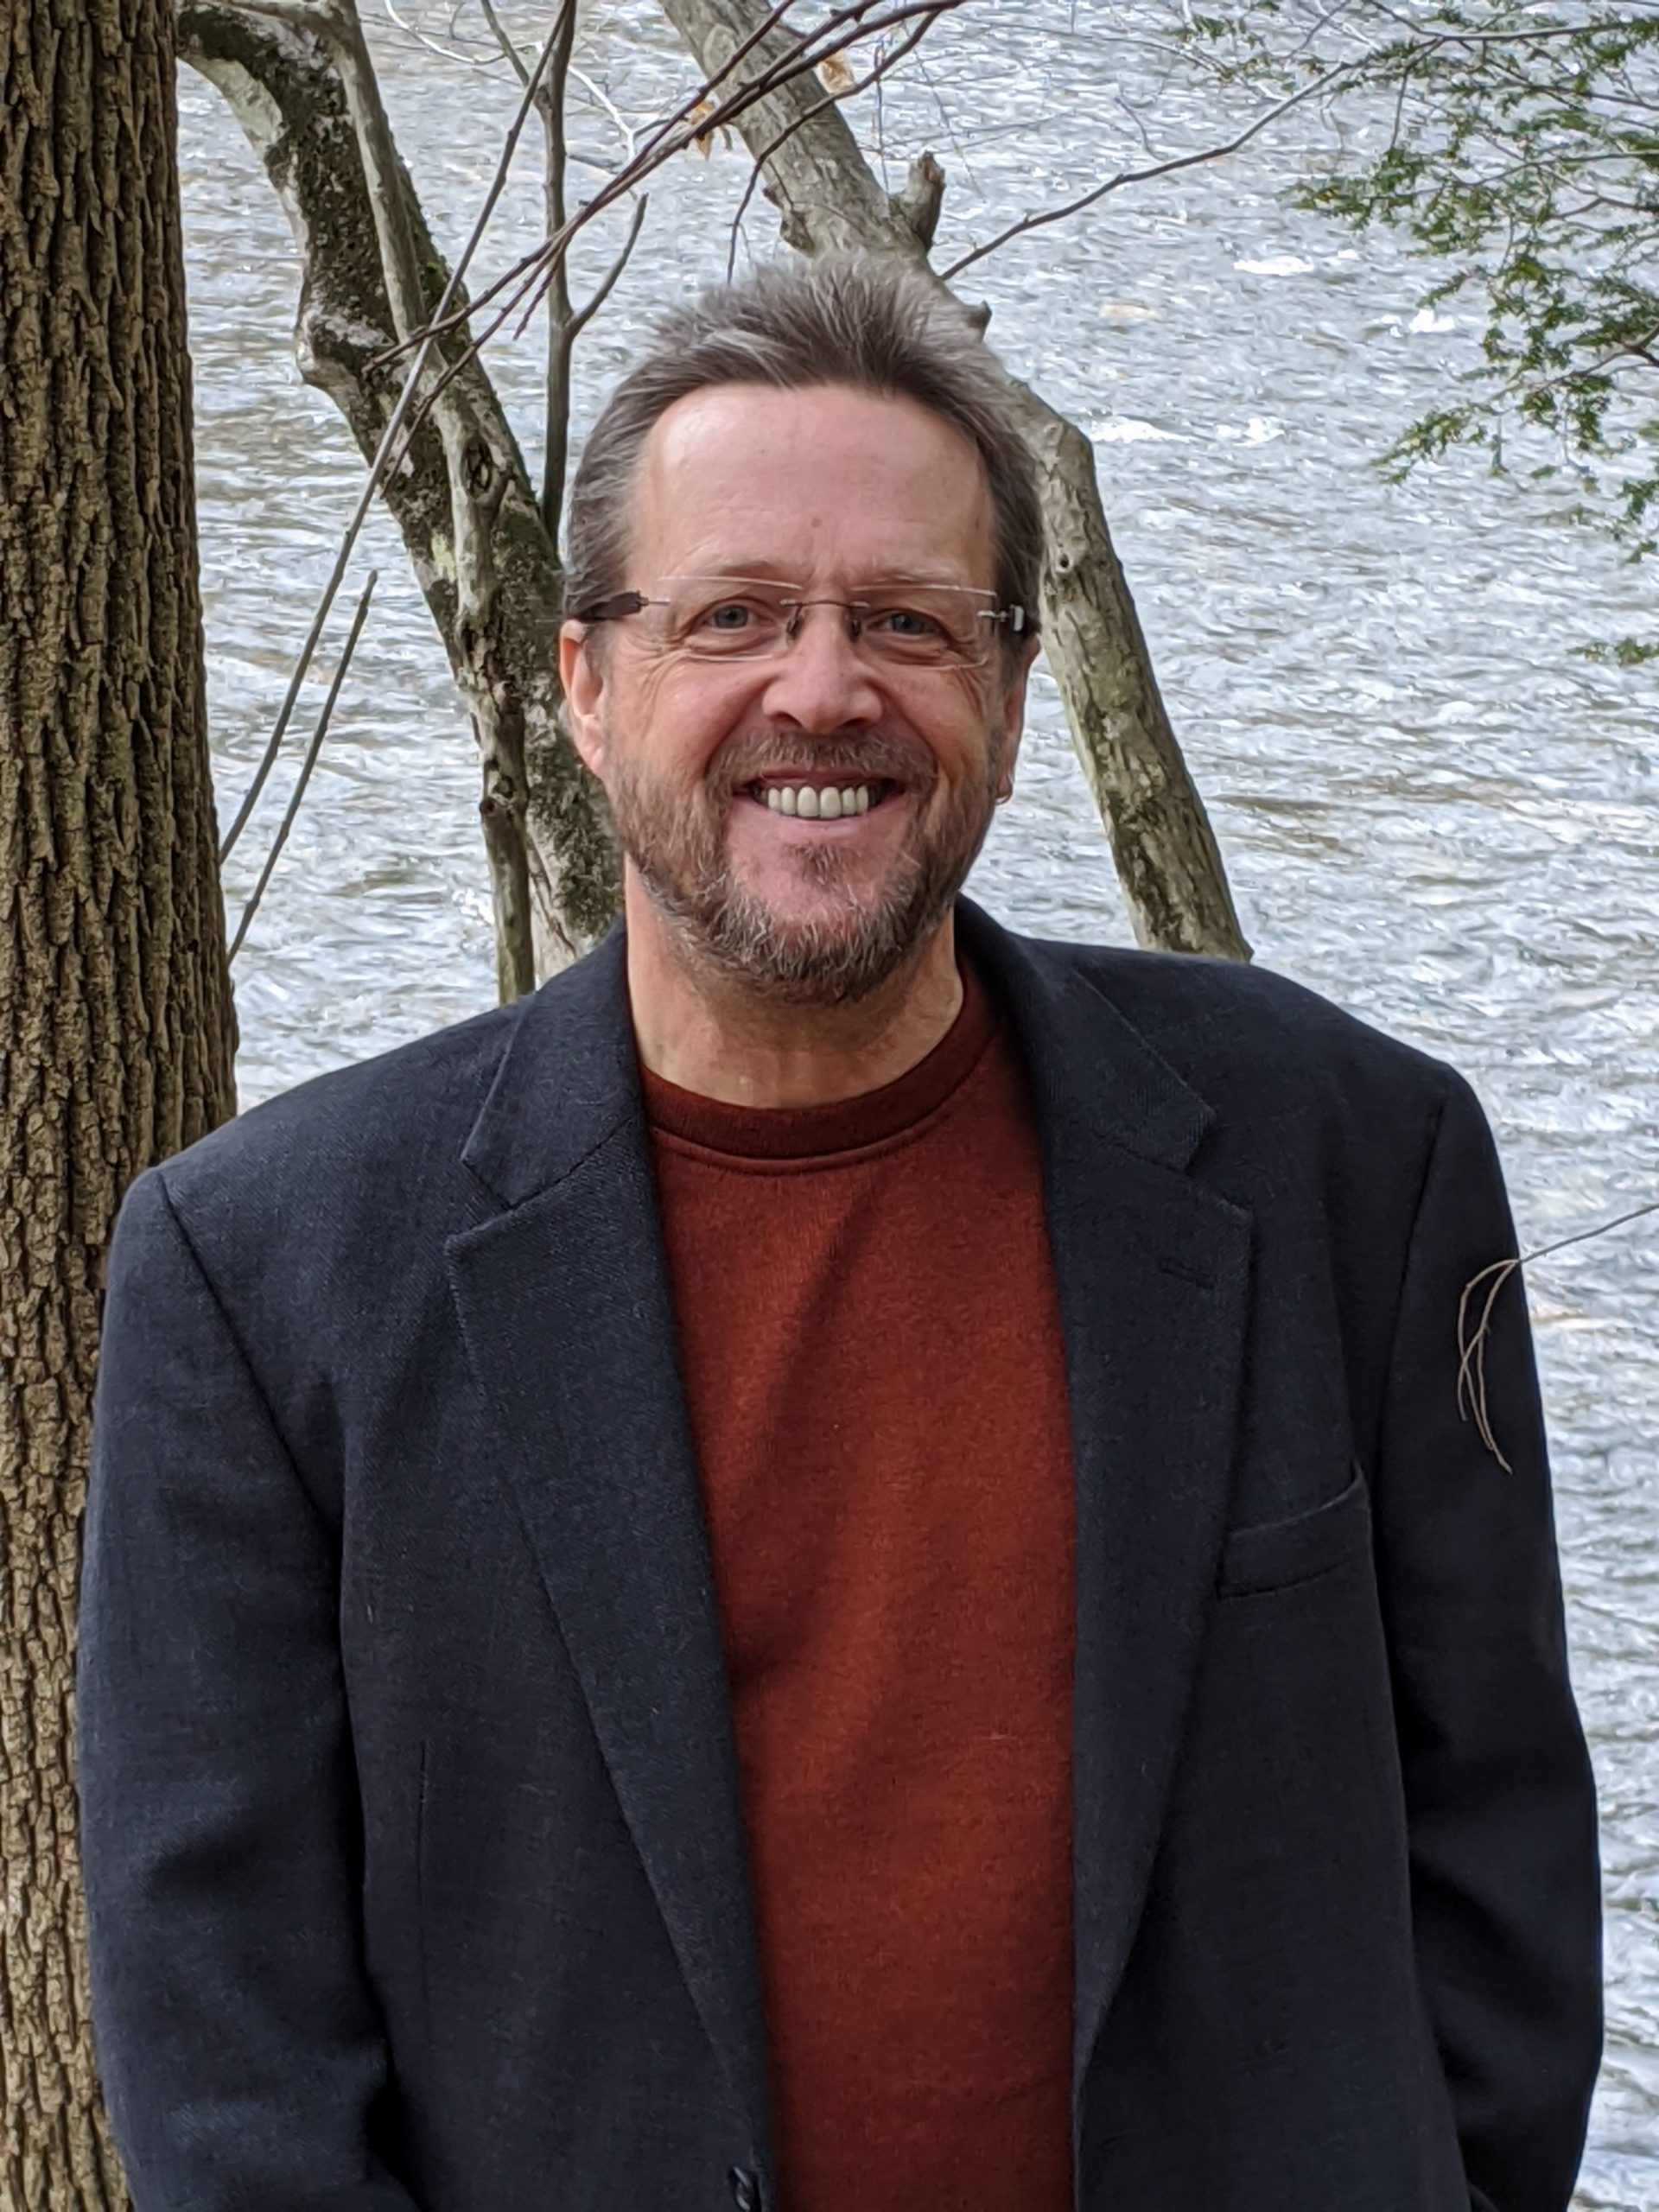 Brian Hagenbuch